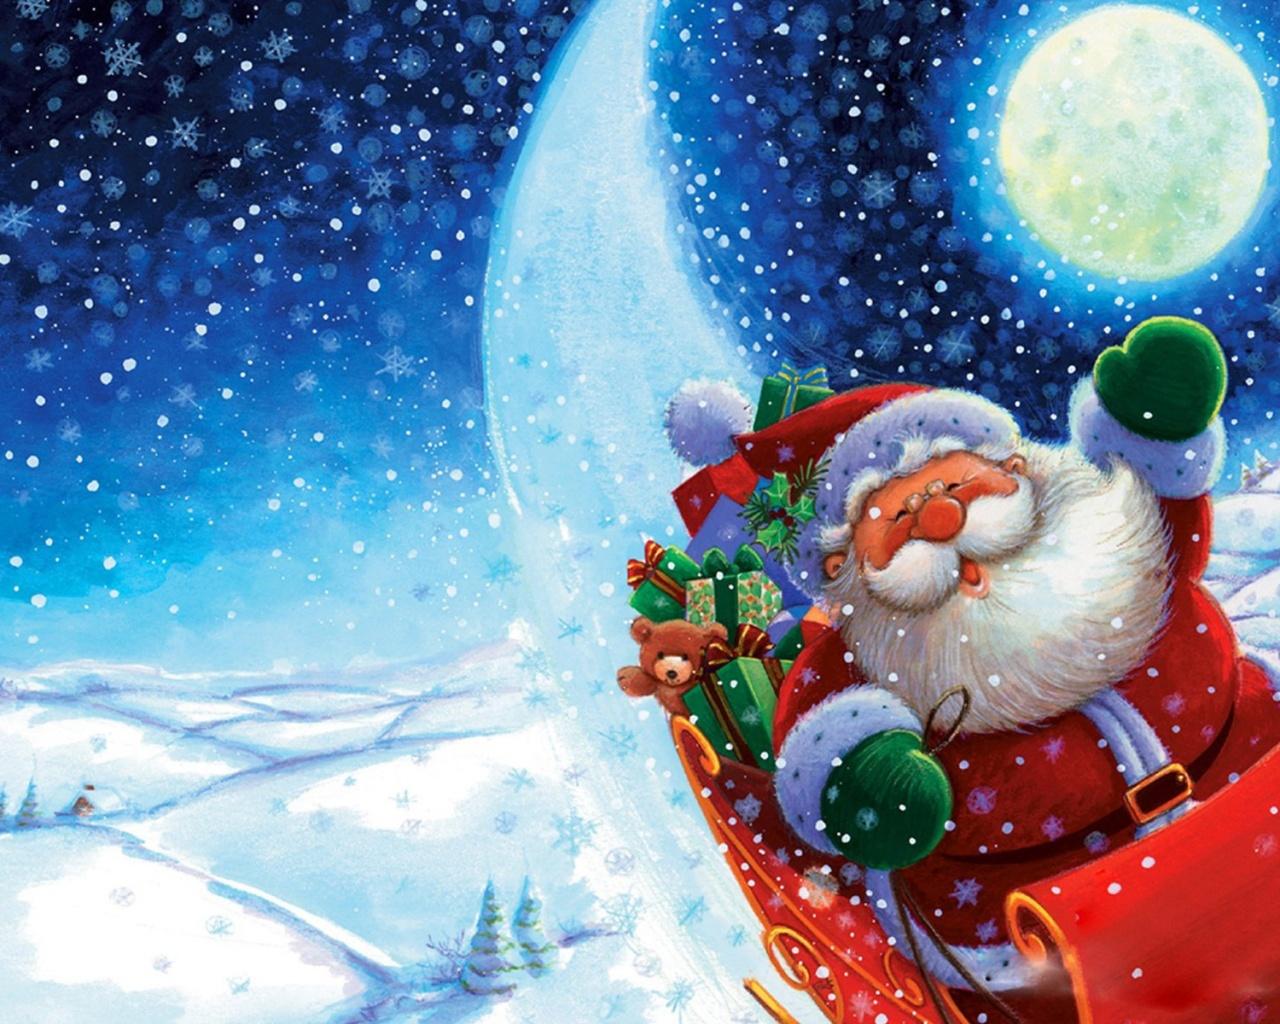 http://1.bp.blogspot.com/-8IFR1k3VA28/UKIXqM59UAI/AAAAAAAAAnc/CbdraGT24Ag/s1600/wallpaper+santa+claus1-assignment-x.blogspot.com-Holidays_New_Year_wallpapers_Santa_Claus_in_a_wagon_019163_.jpg